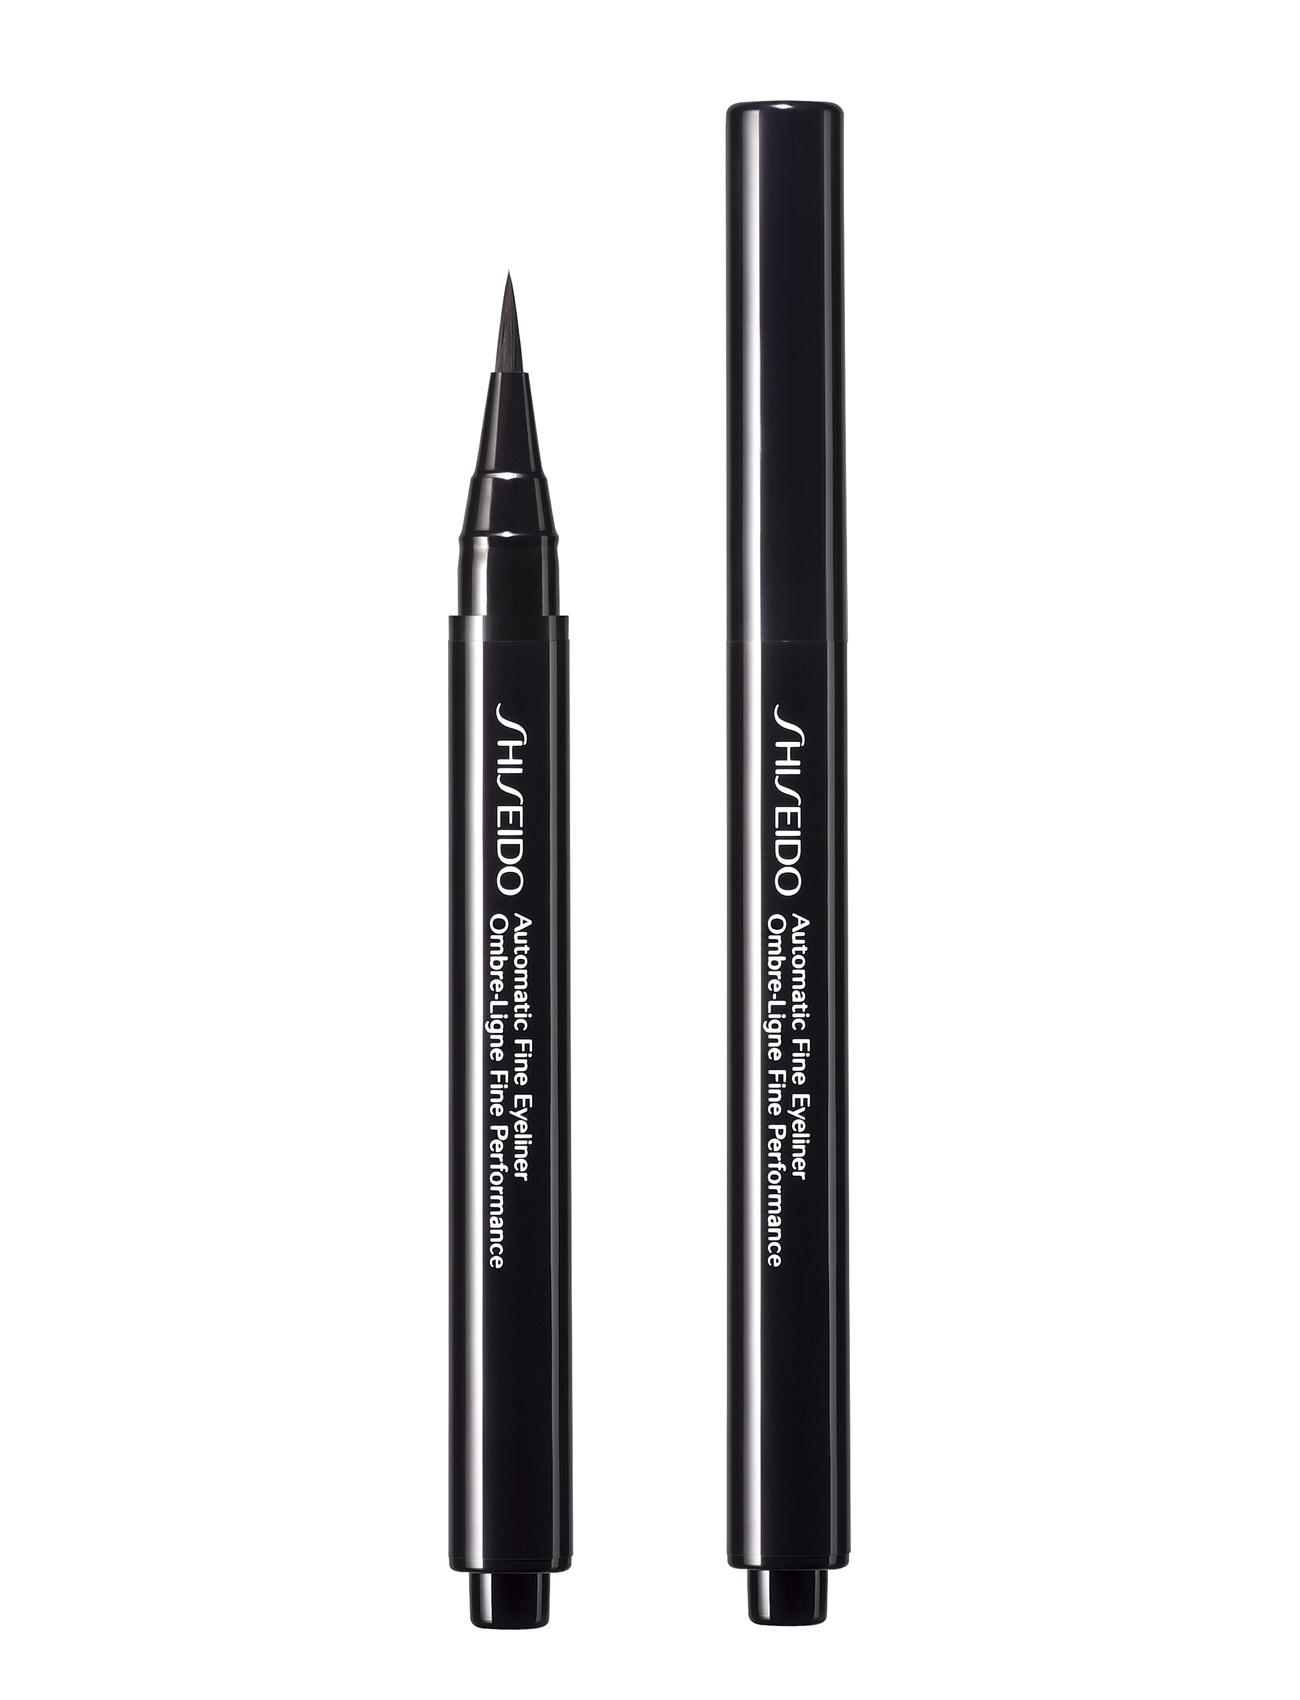 Shiseido fine eyeliner 1 black fra shiseido på boozt.com dk